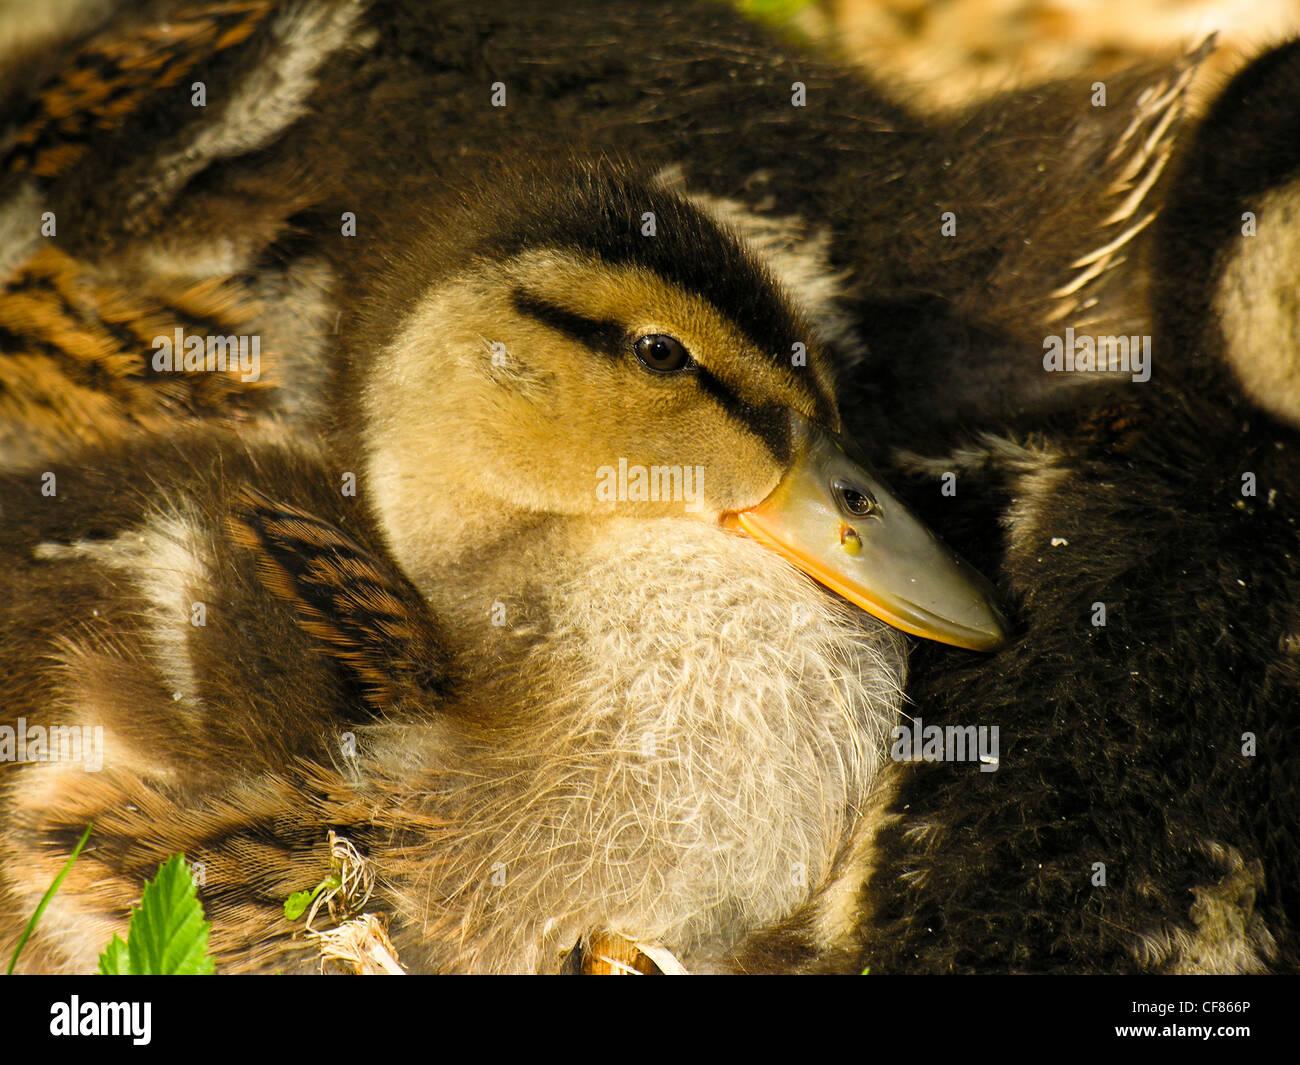 Mallard ducklings, Hever Castle, UK - Stock Image